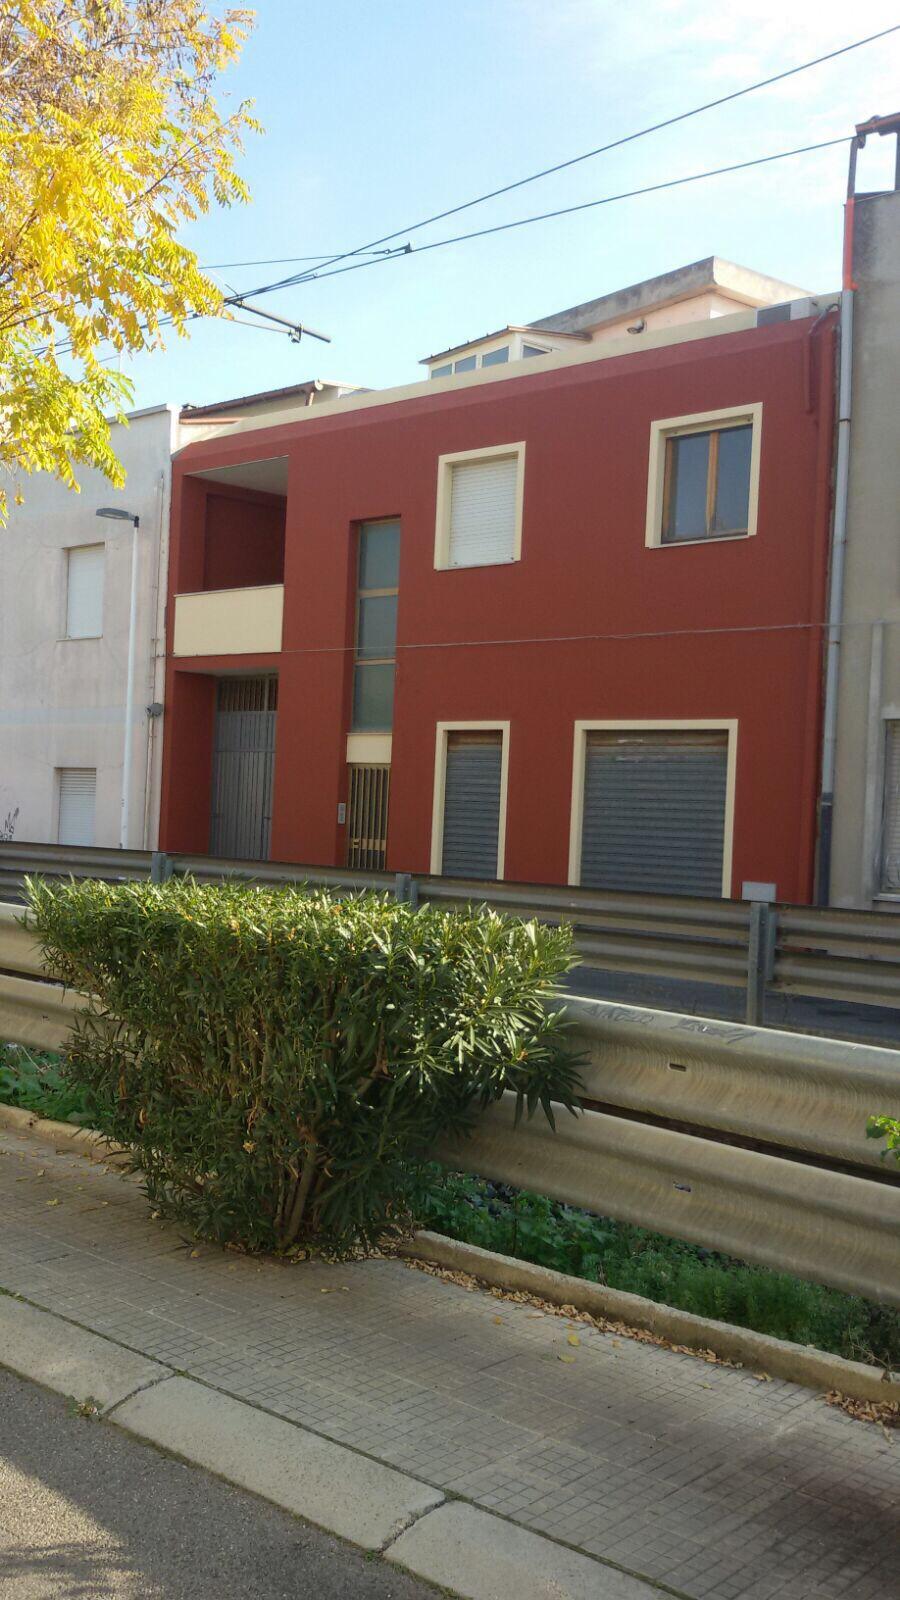 Appartamento in vendita a Monserrato, 4 locali, prezzo € 110.000 | Cambio Casa.it